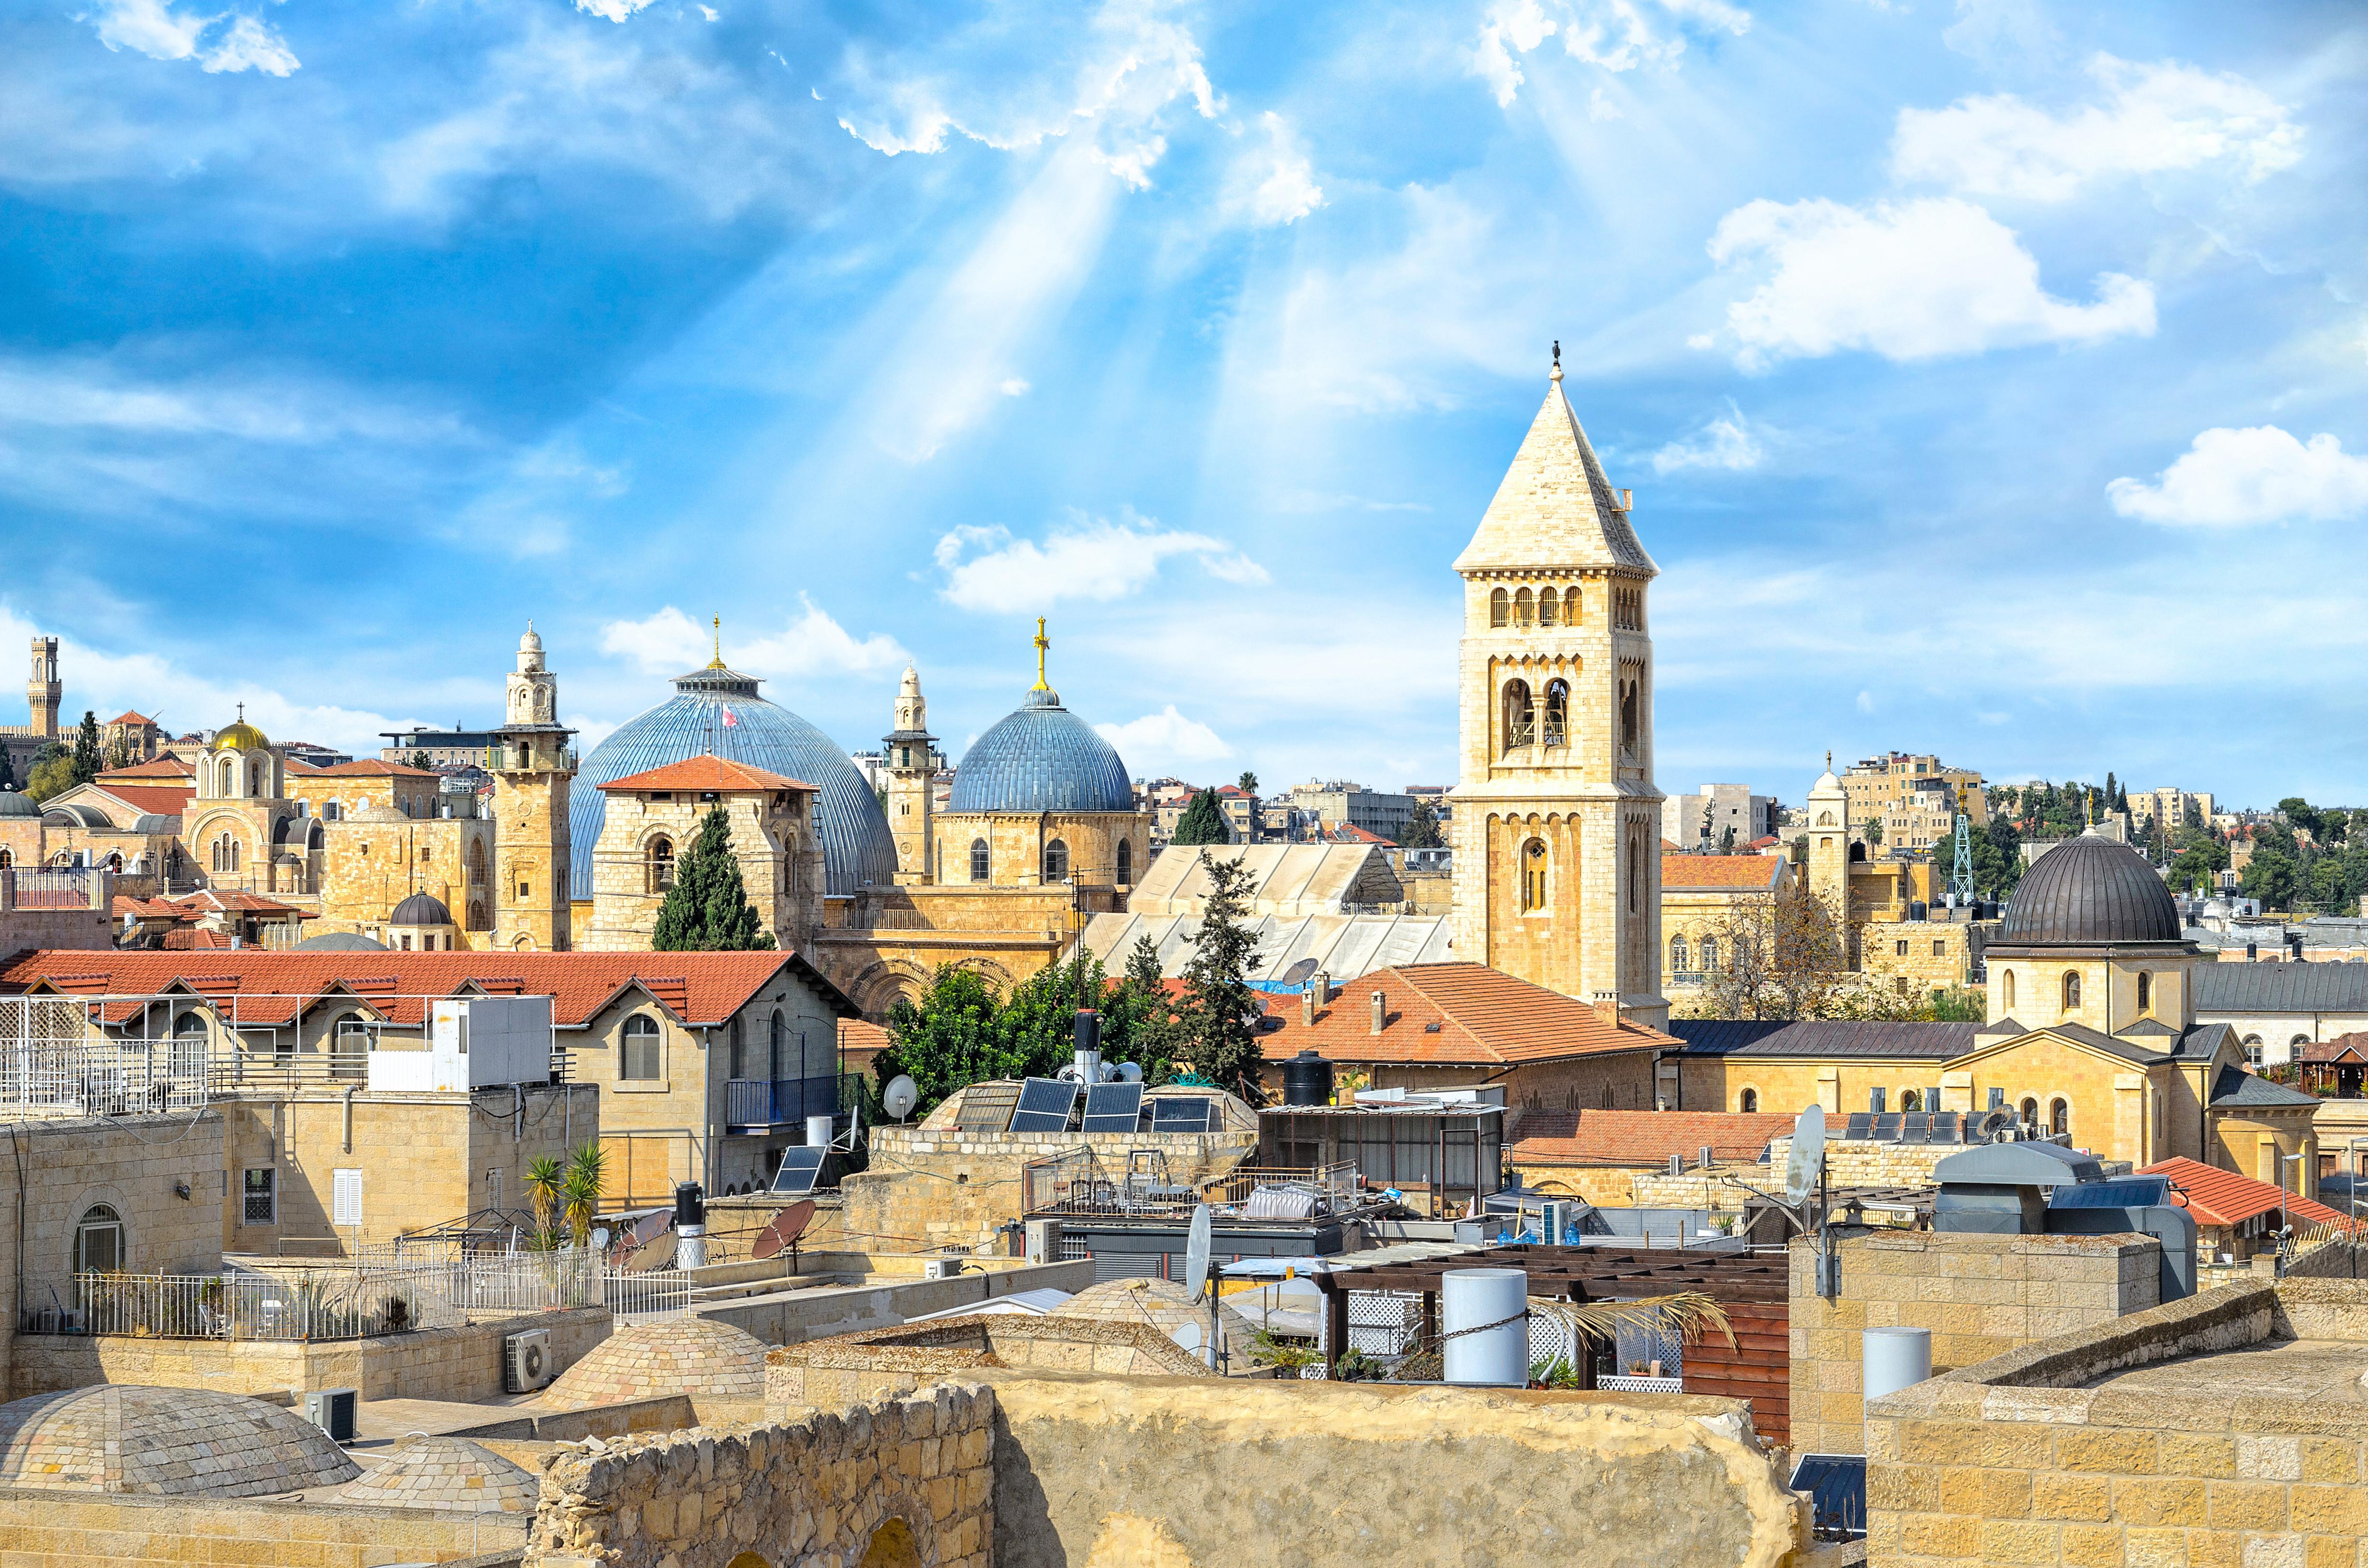 Jerusalem: The Old City